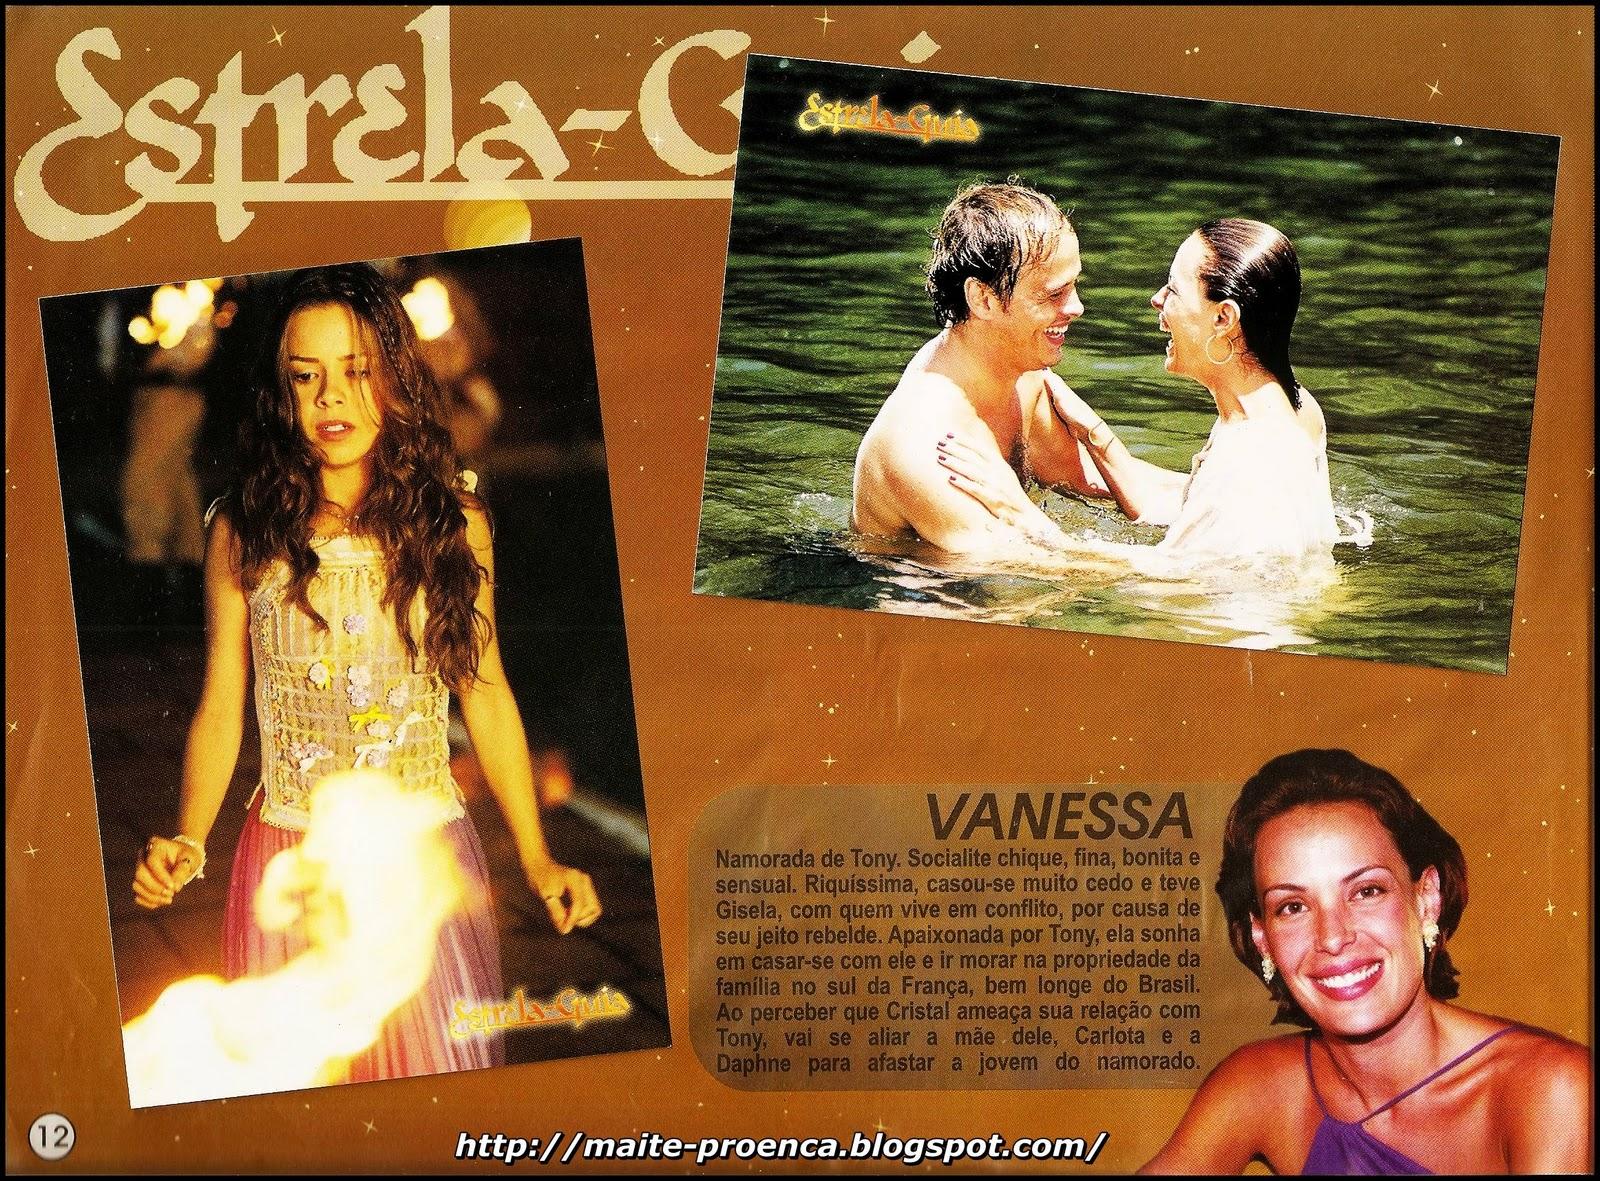 691+2001+Estrela+Guia+Album+(13).jpg